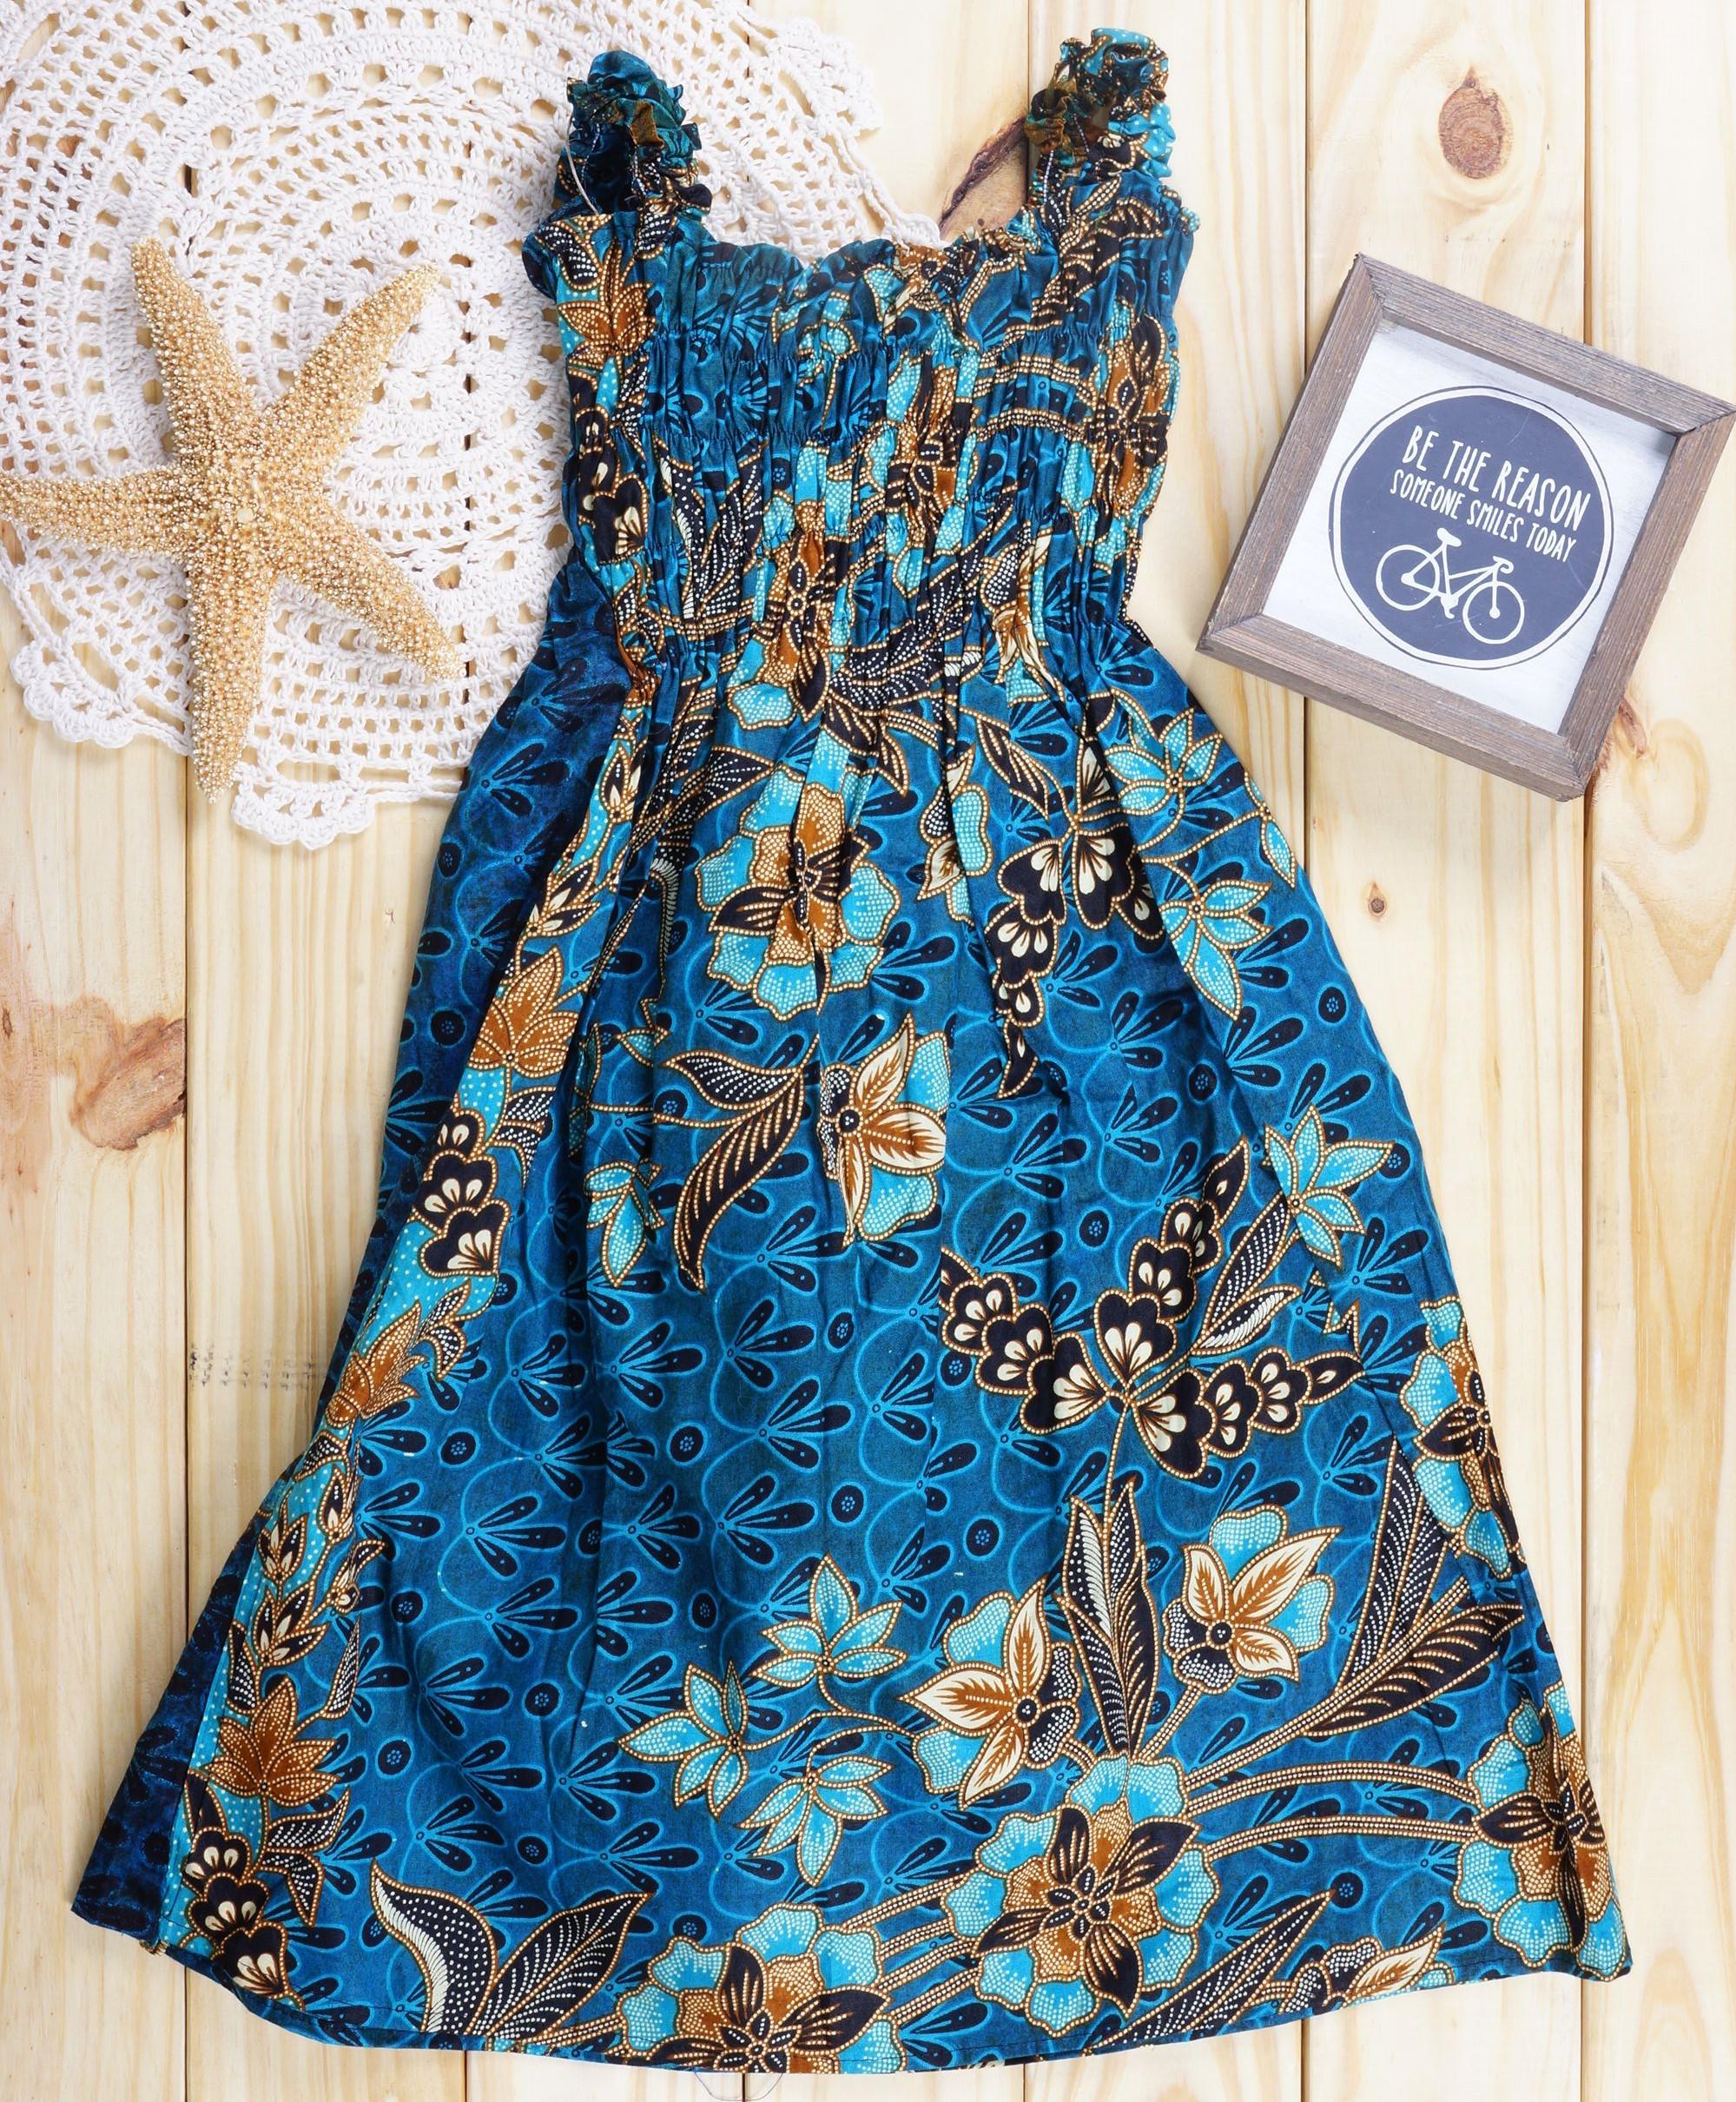 Royal Princess Alas-alasan Cobalt Blue Floral Batik Dress